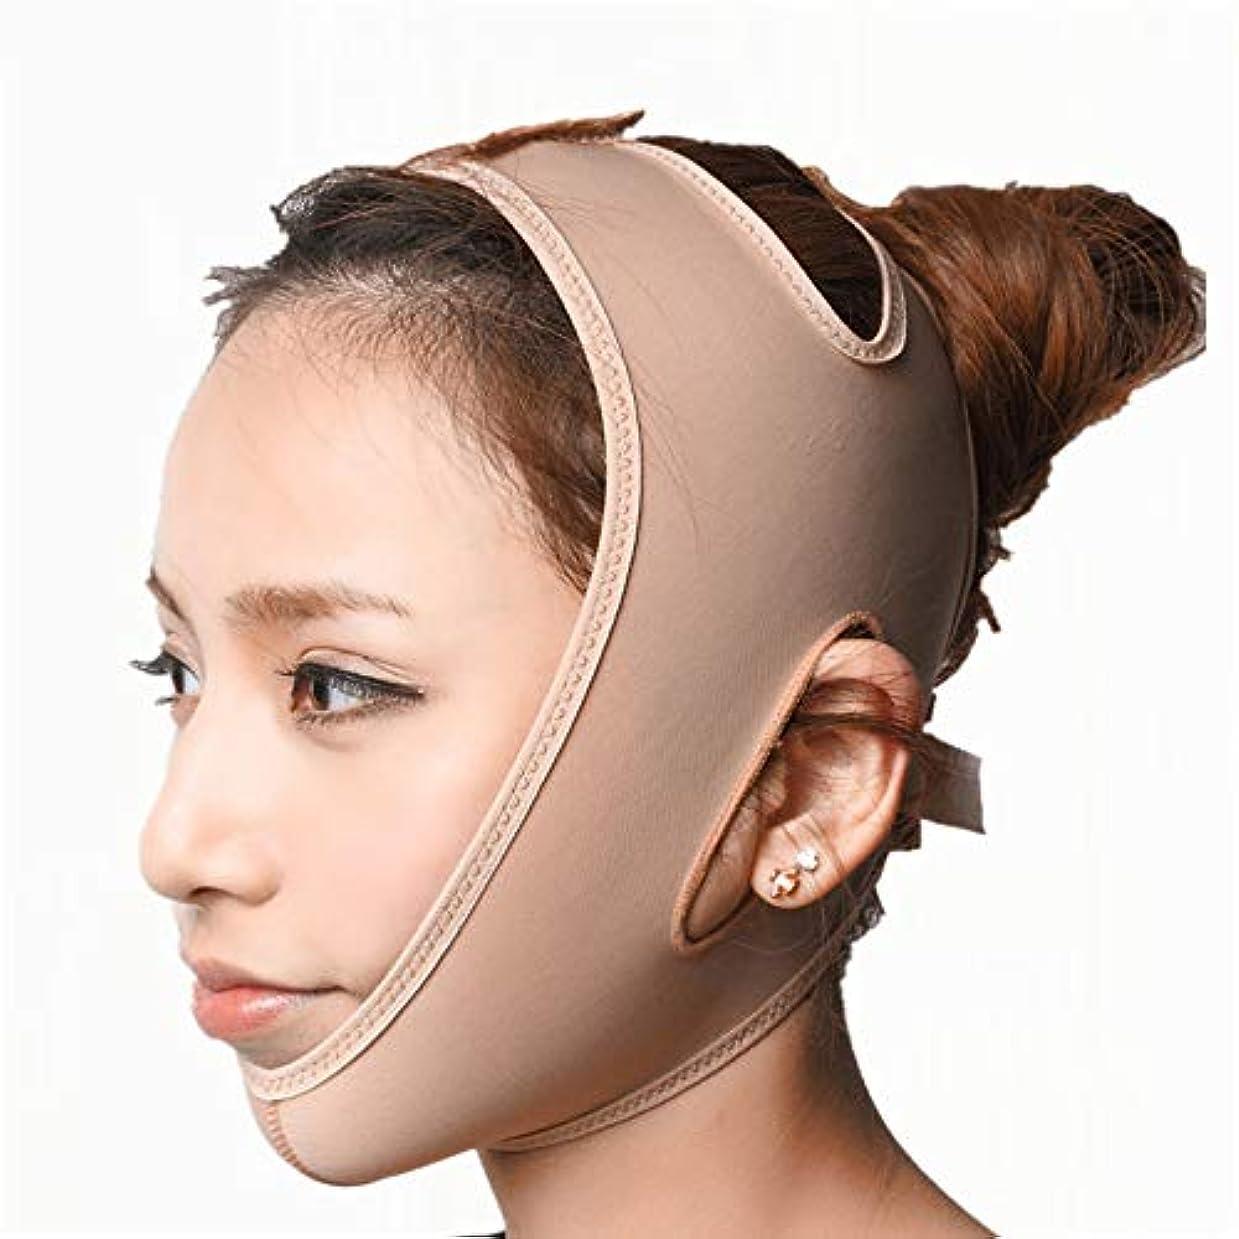 間違いキャベツしないXINGZHE 顔の持ち上がる痩身ベルト - アンチエイジングリンクルフェイスマスクベルトシンフェイス包帯整形マスクは顔と首を締めますフェイススリム フェイスリフティングベルト (サイズ さいず : XL)